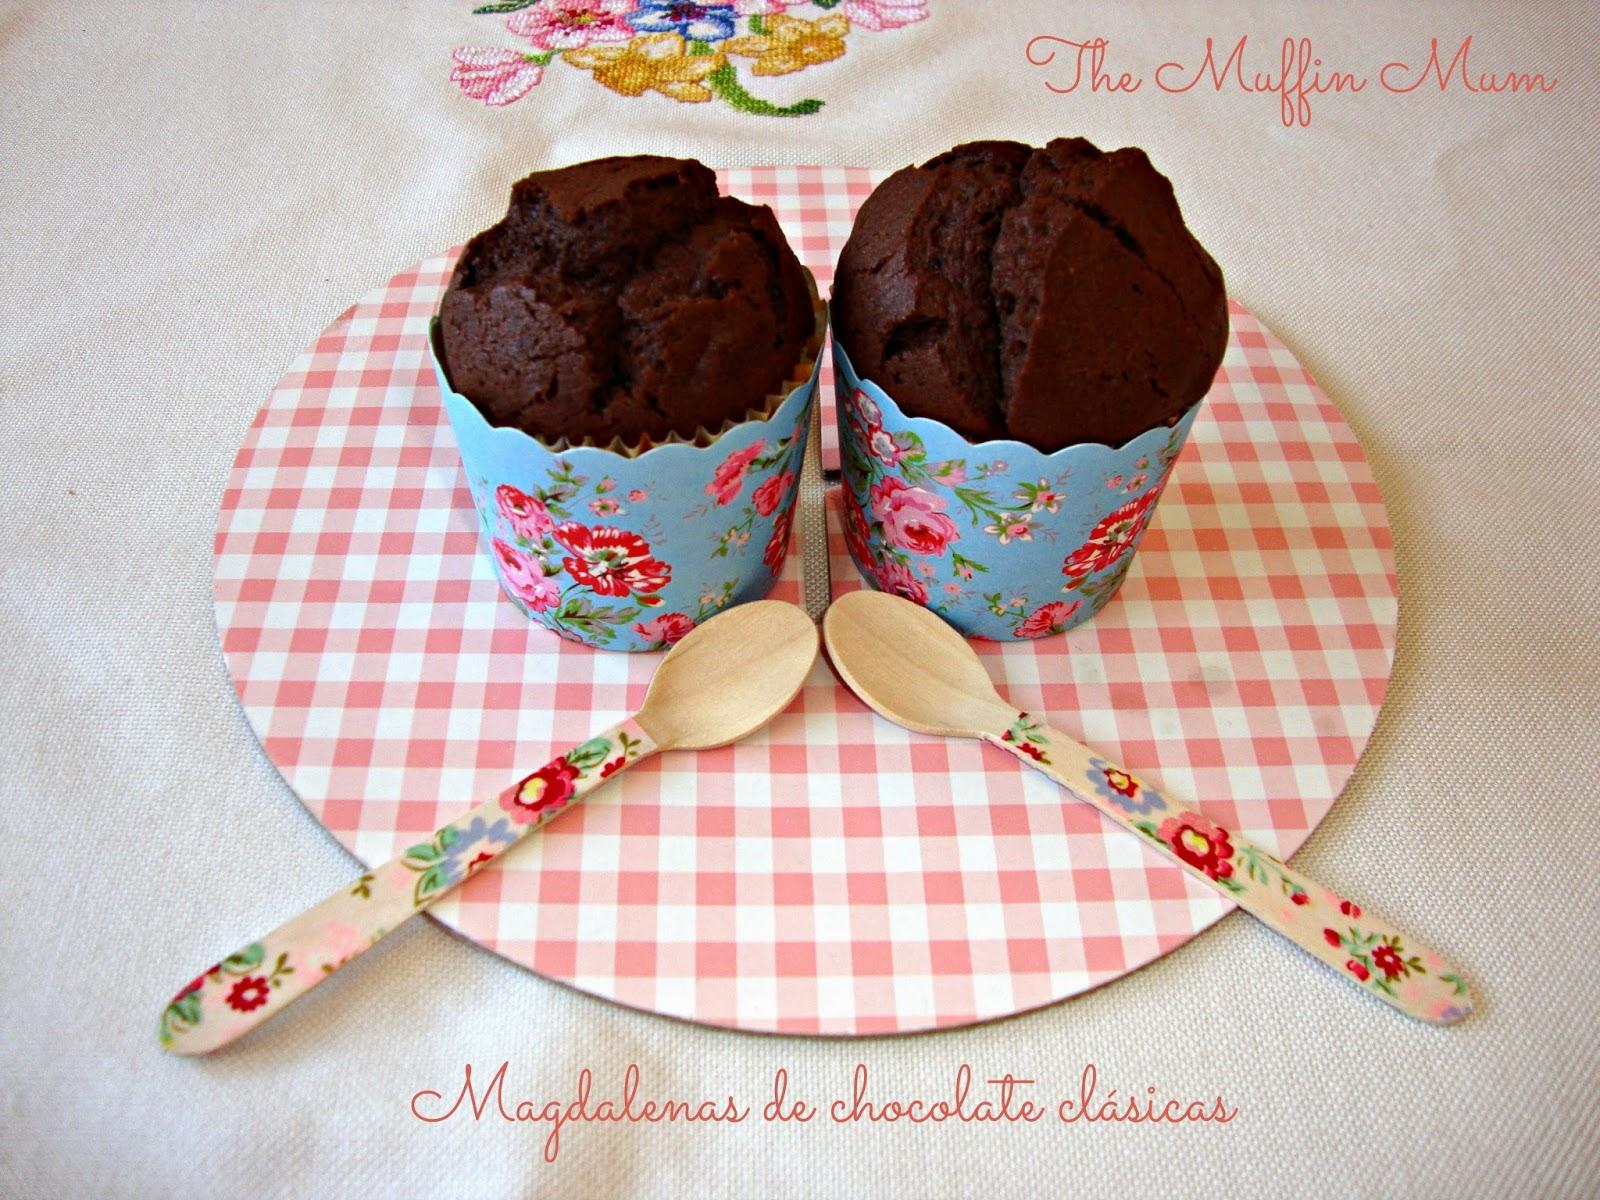 Magdalenas de chocolate clásicas